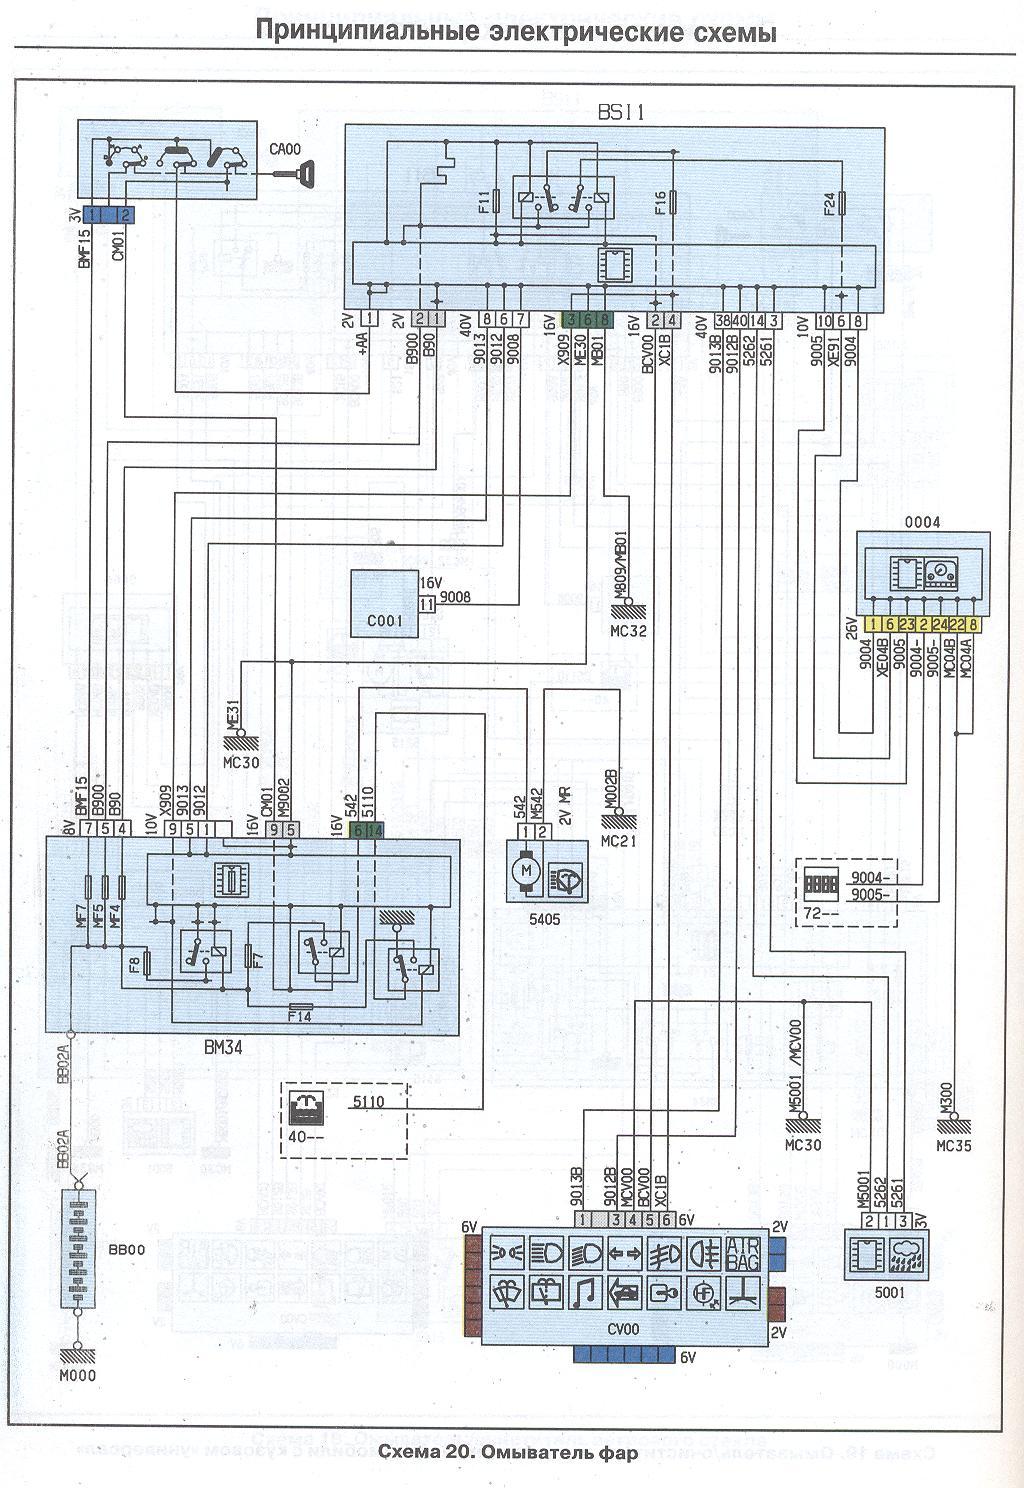 для кия спортаже 2000 года.схема реле дворников